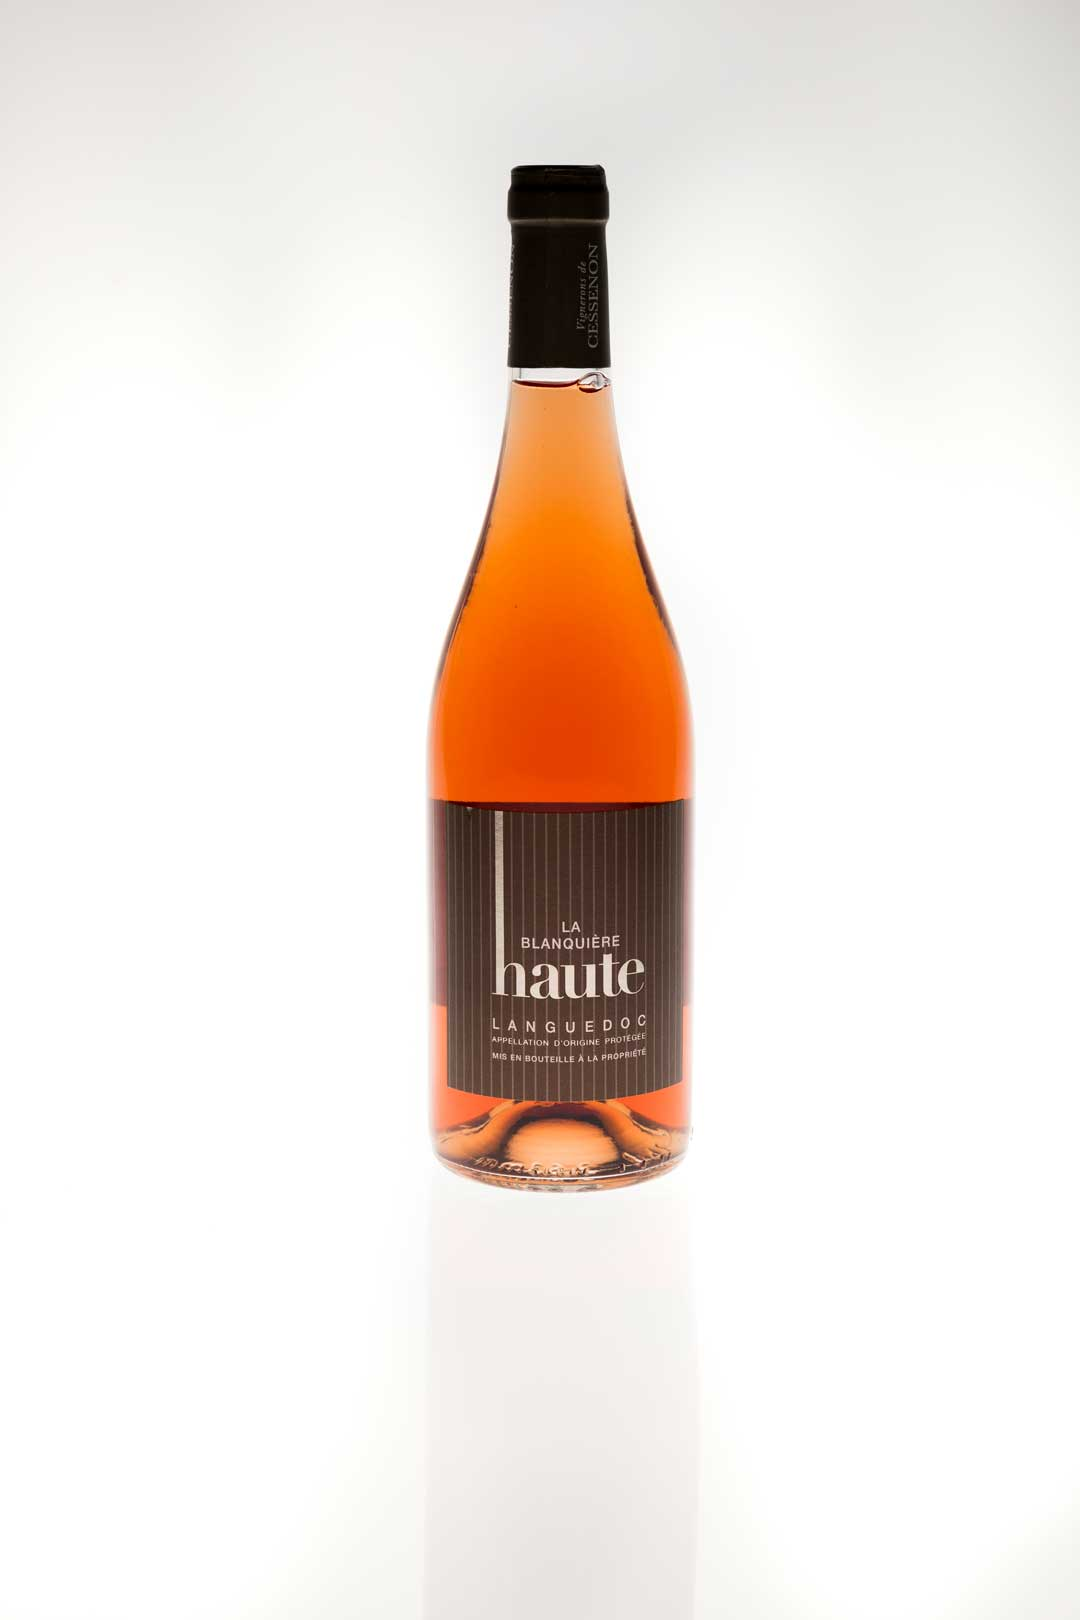 photo-vin-bouteille-viticole-vigneron-vinicole-rose-rouge-blanc-cave-cooprative-domaine-publicite-agence-sud-france-paca-est-provence-verte-aix-marseille-toulon-french-riviera